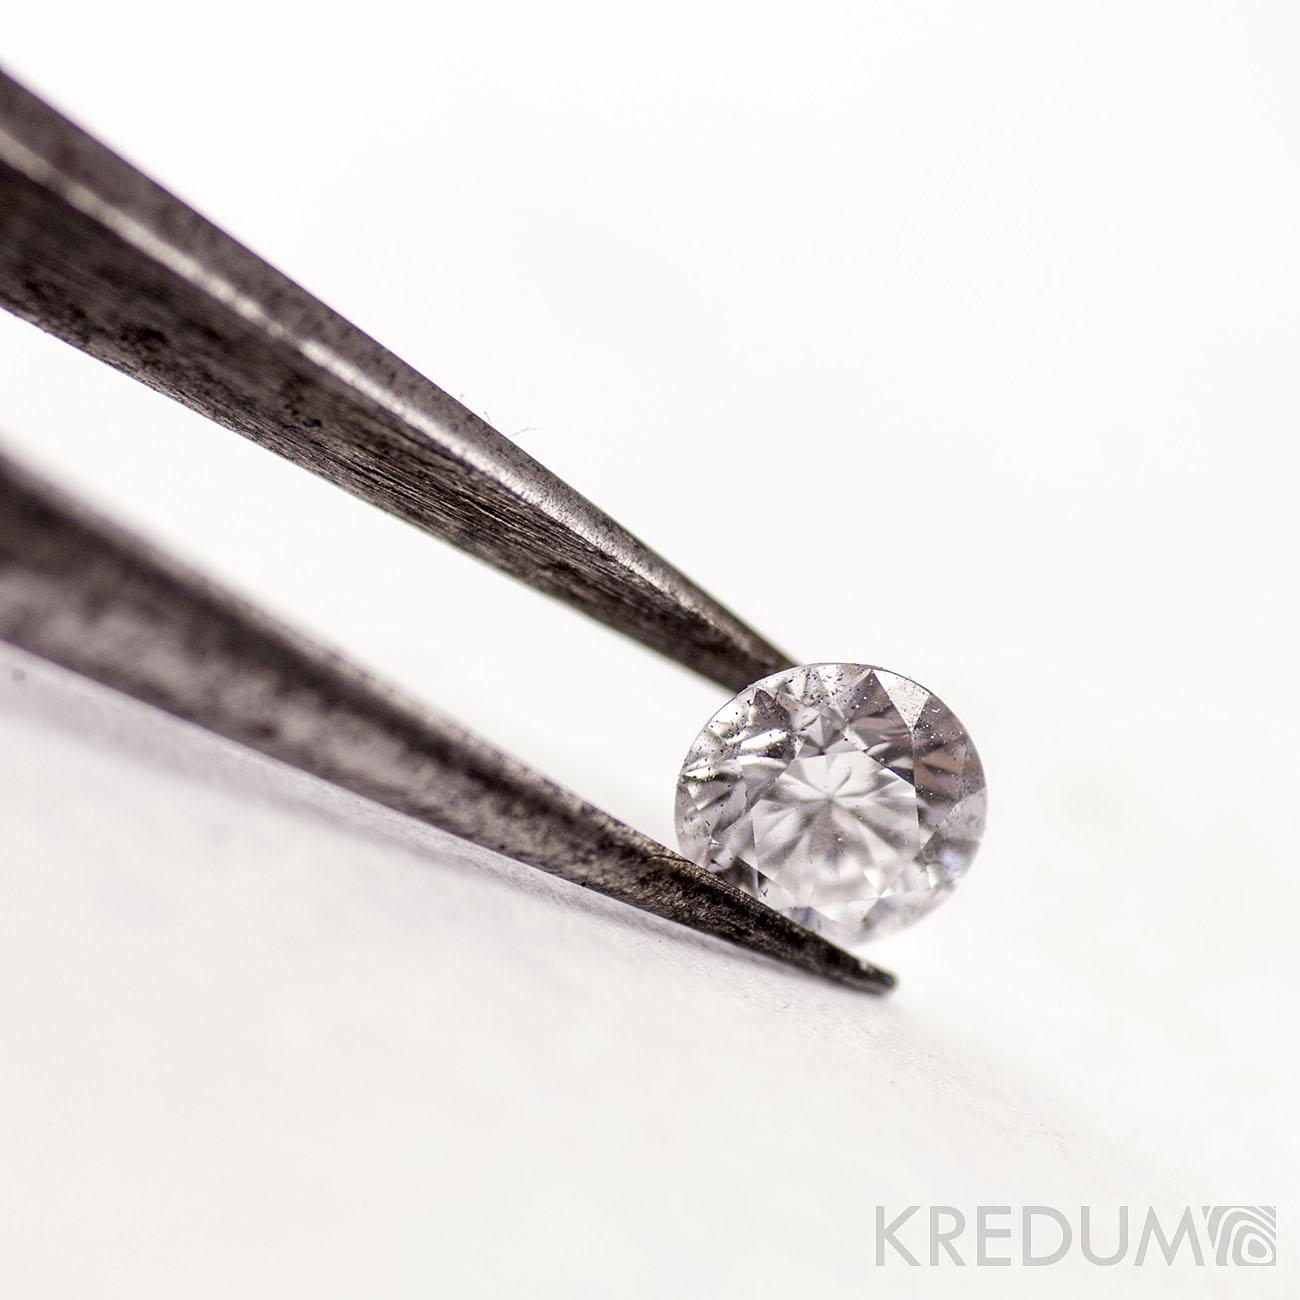 Jak se rodí hvězda, aneb když sedíte za stolem a potí se vám záda - Diamant, když jej vyndáte z ochranné obálky.